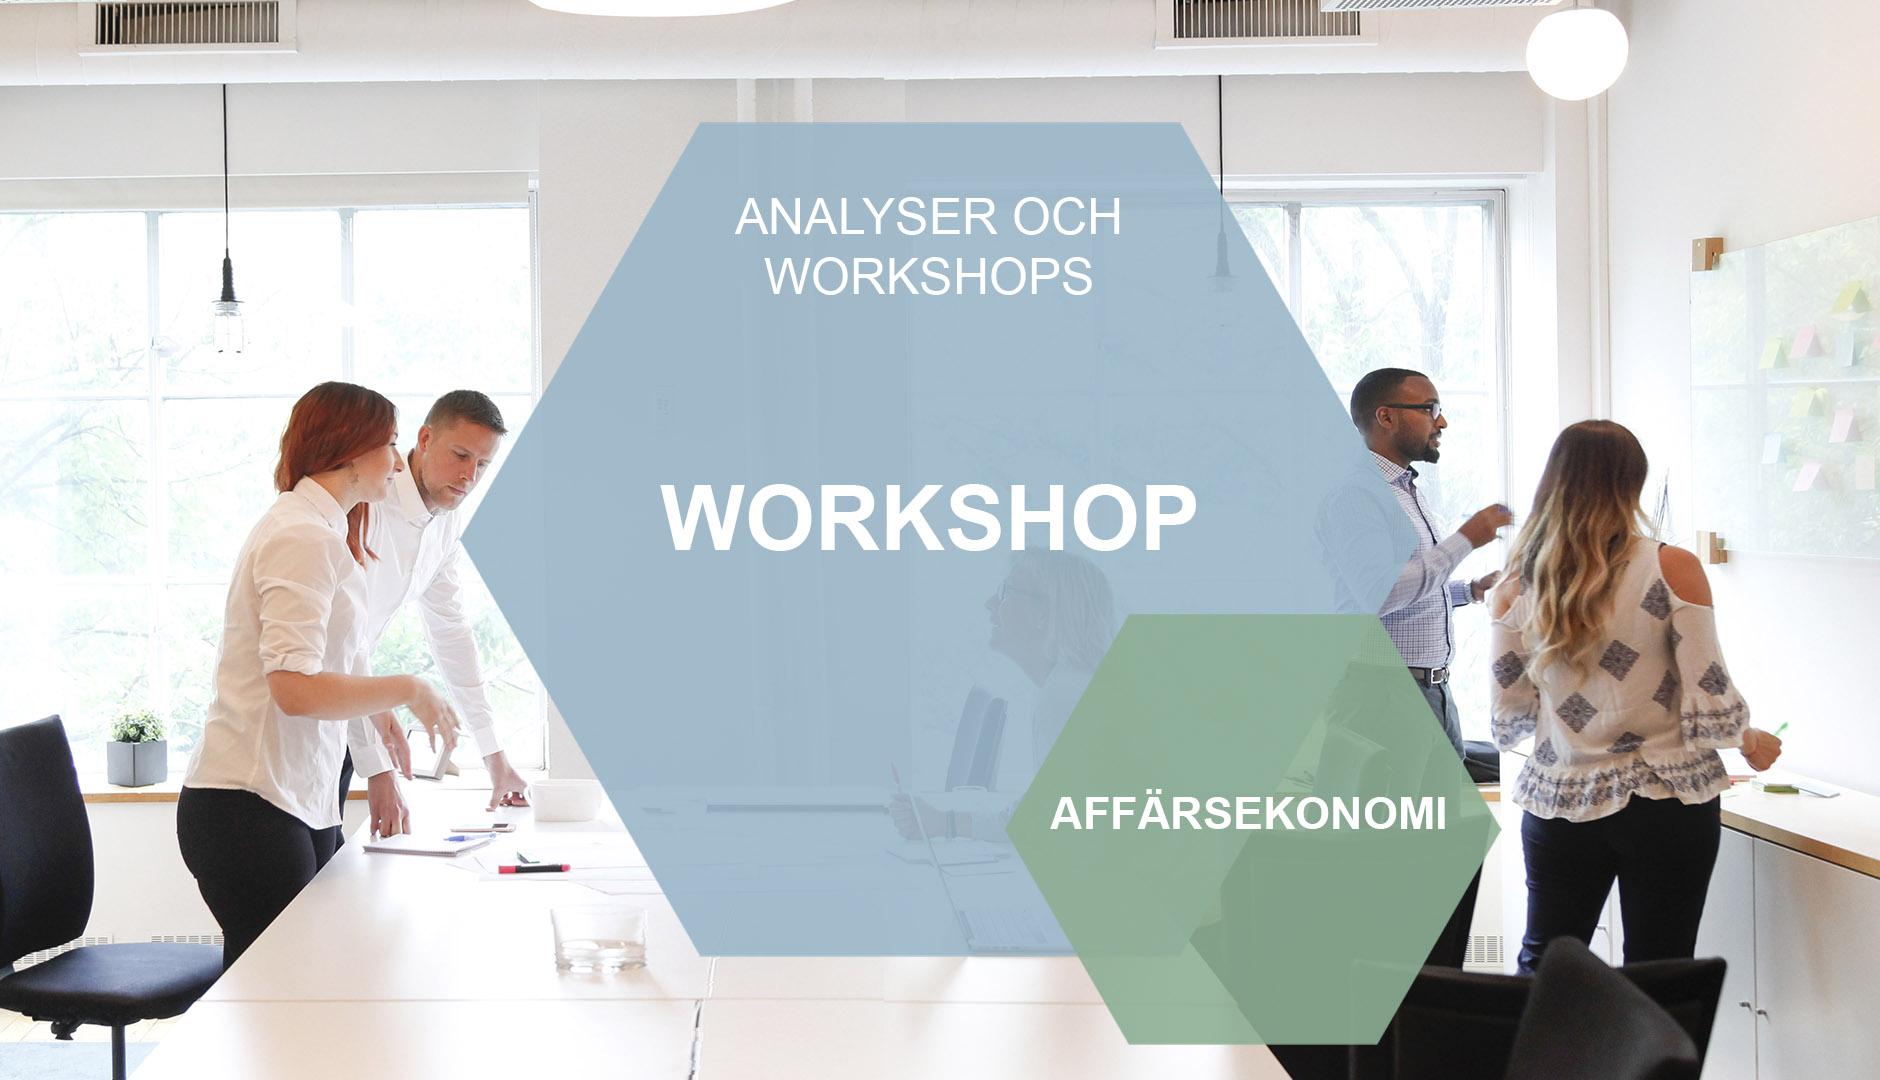 Affärsekonomi workshop i hexagon mot bakgrund av människor i workshop